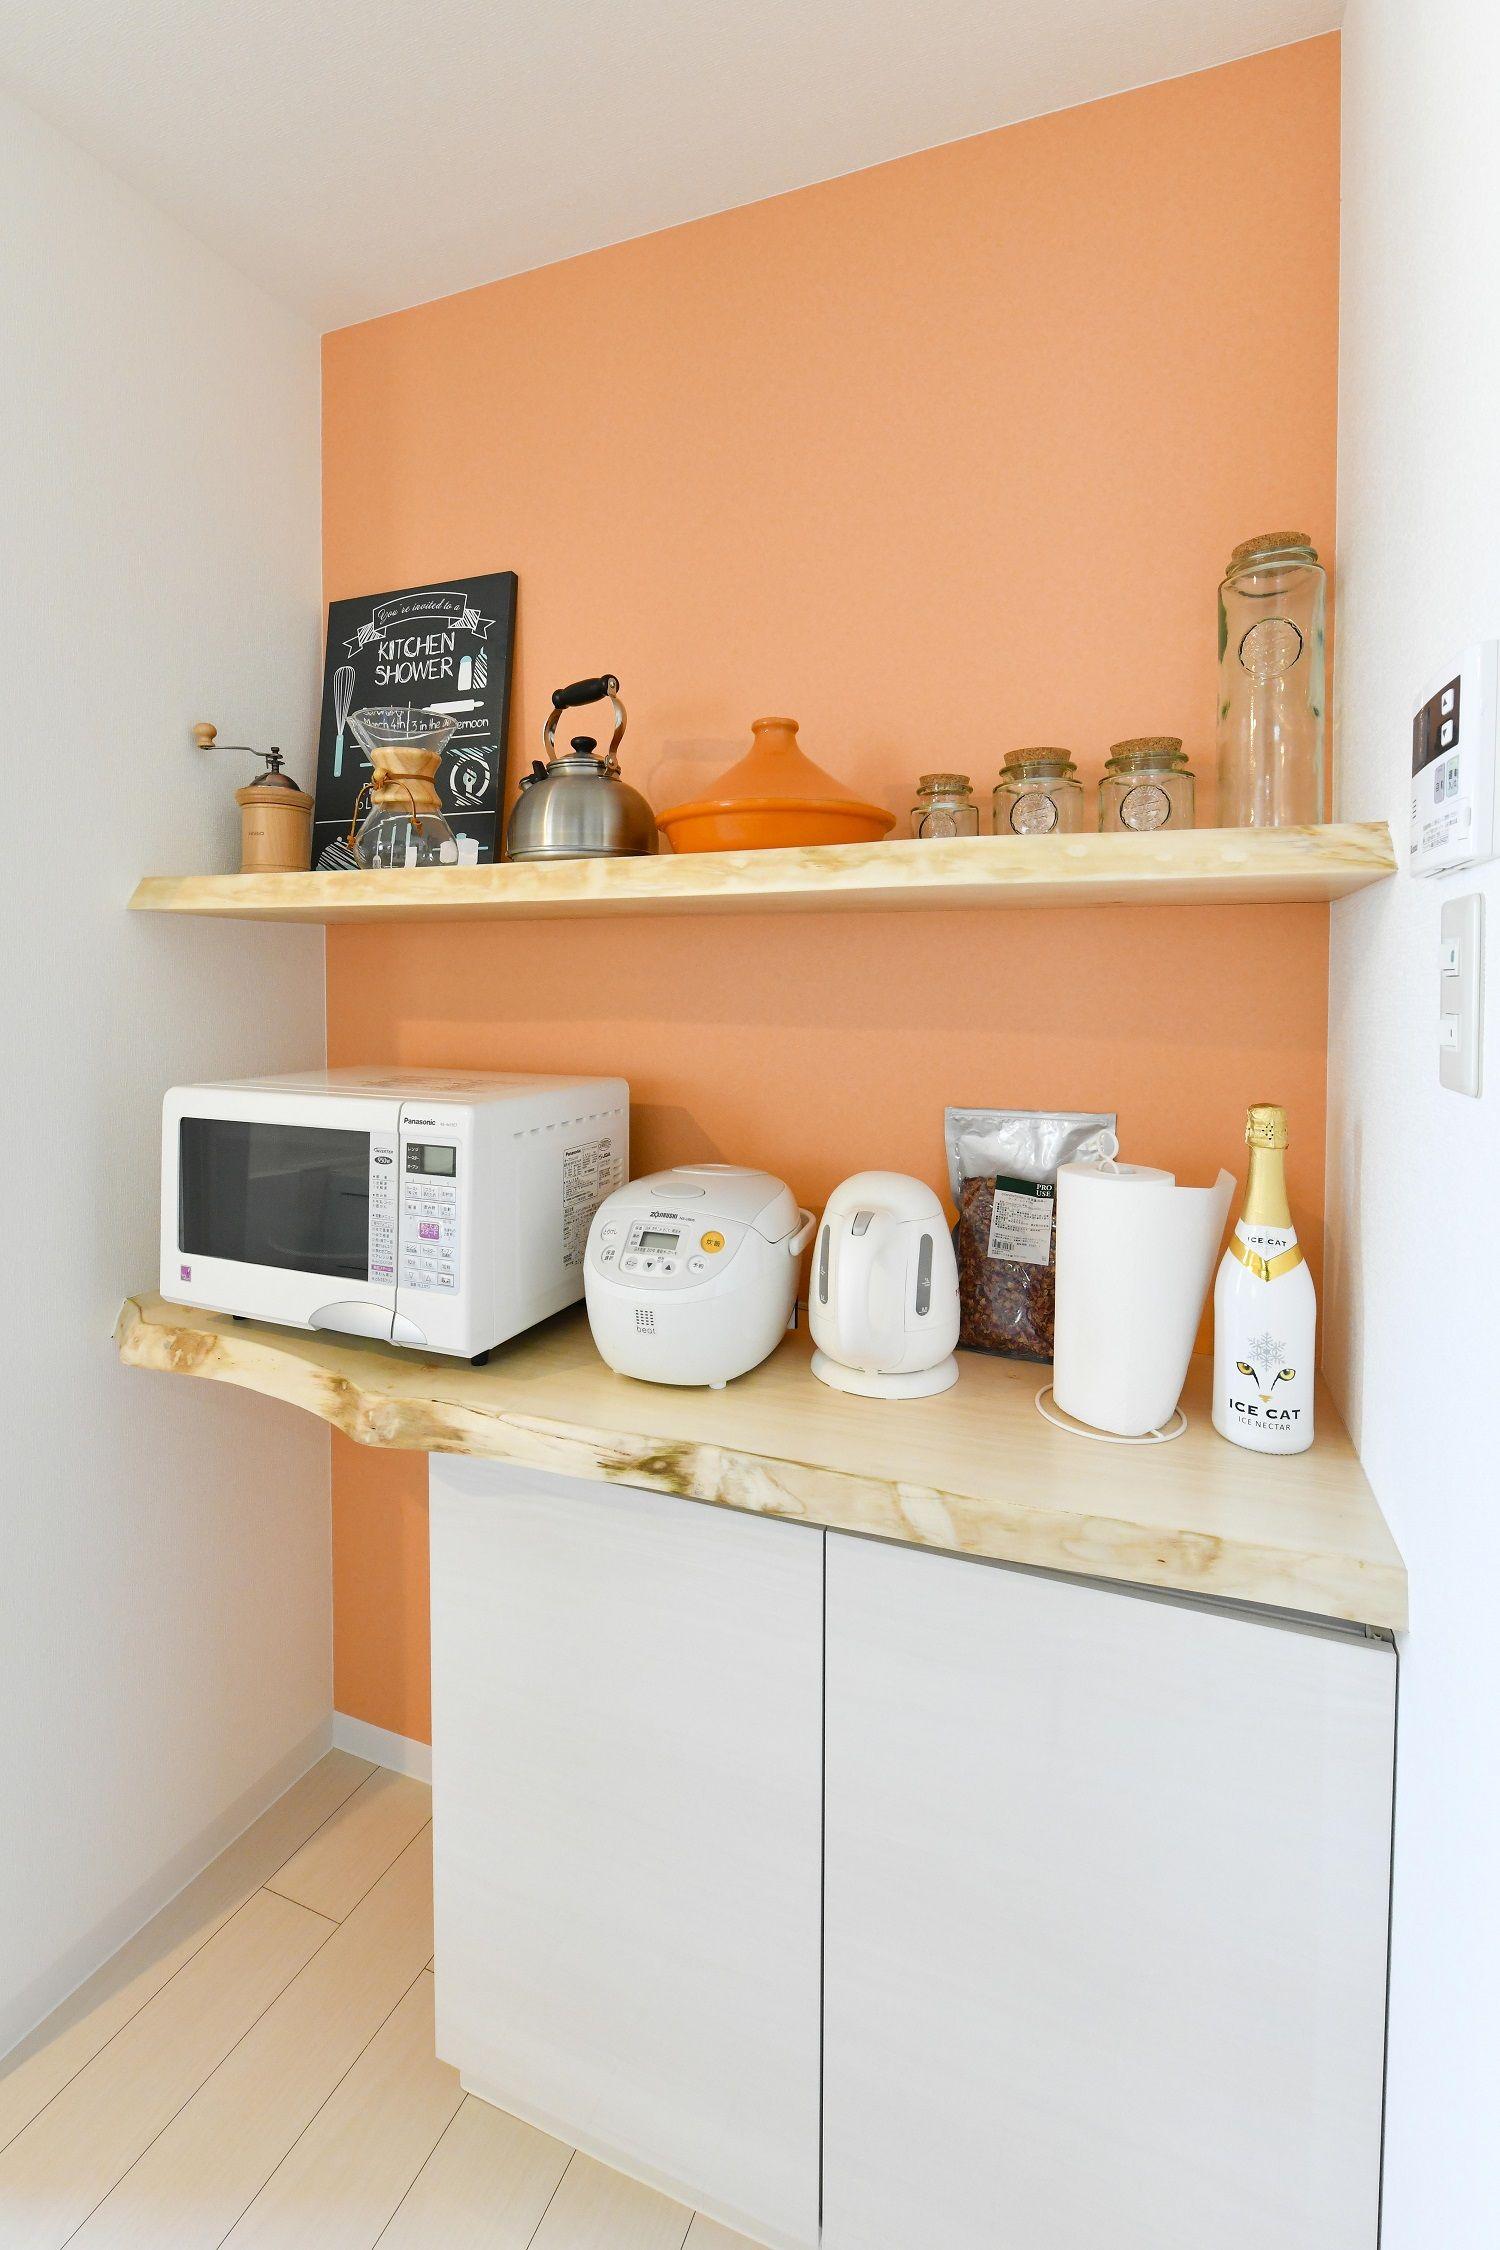 オレンジ色のクロスがフレッシュな天然木のキッチン オレンジ壁紙 天然木 ナチュラルデザイン インテリア 家具 家のインテリアデザイン インテリア